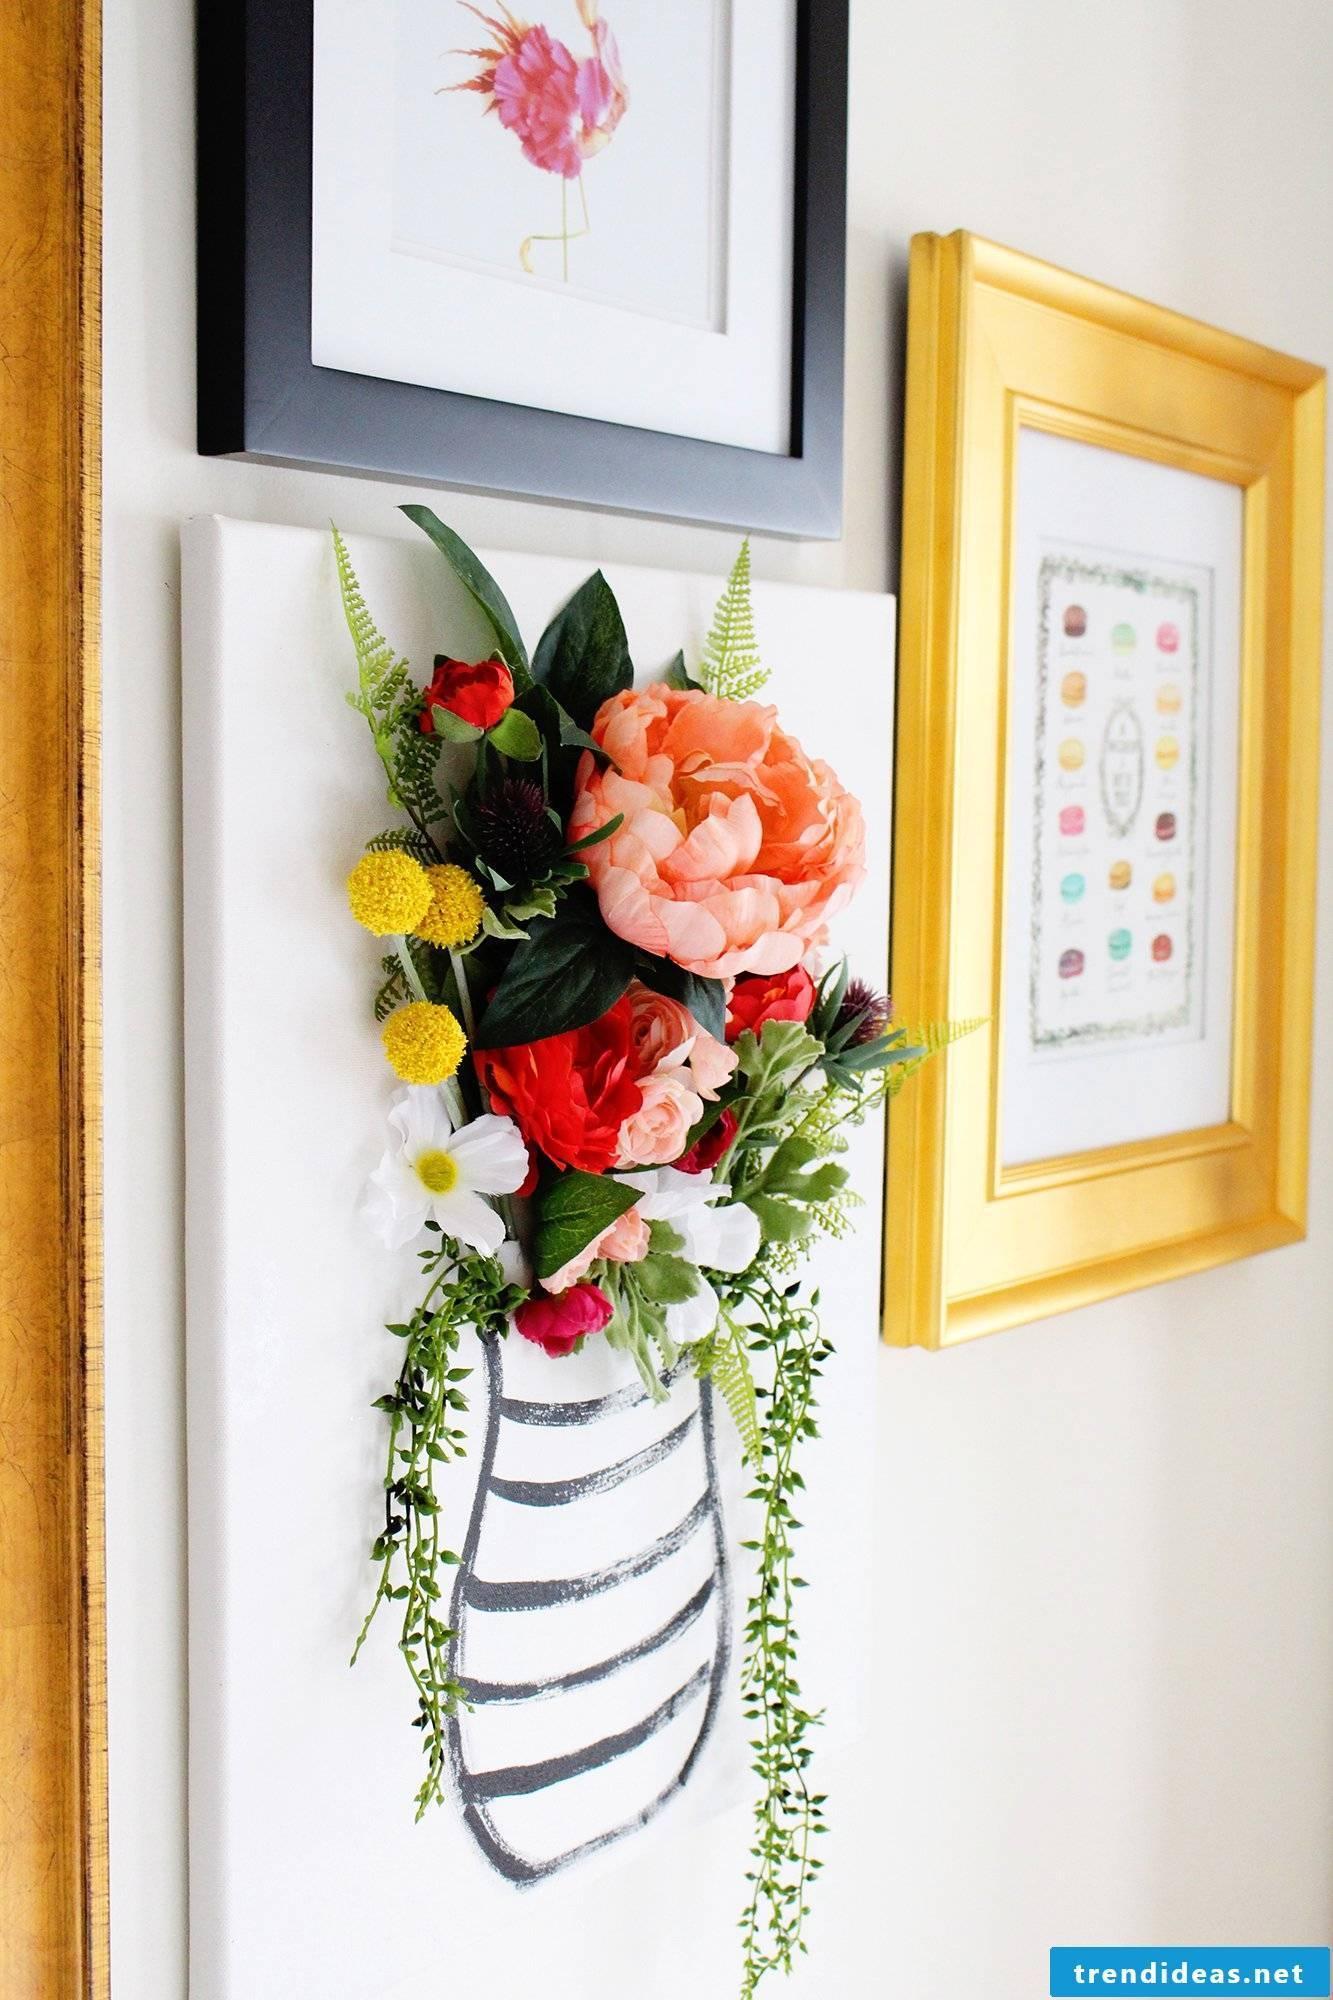 Creative ideas for 3D flowers